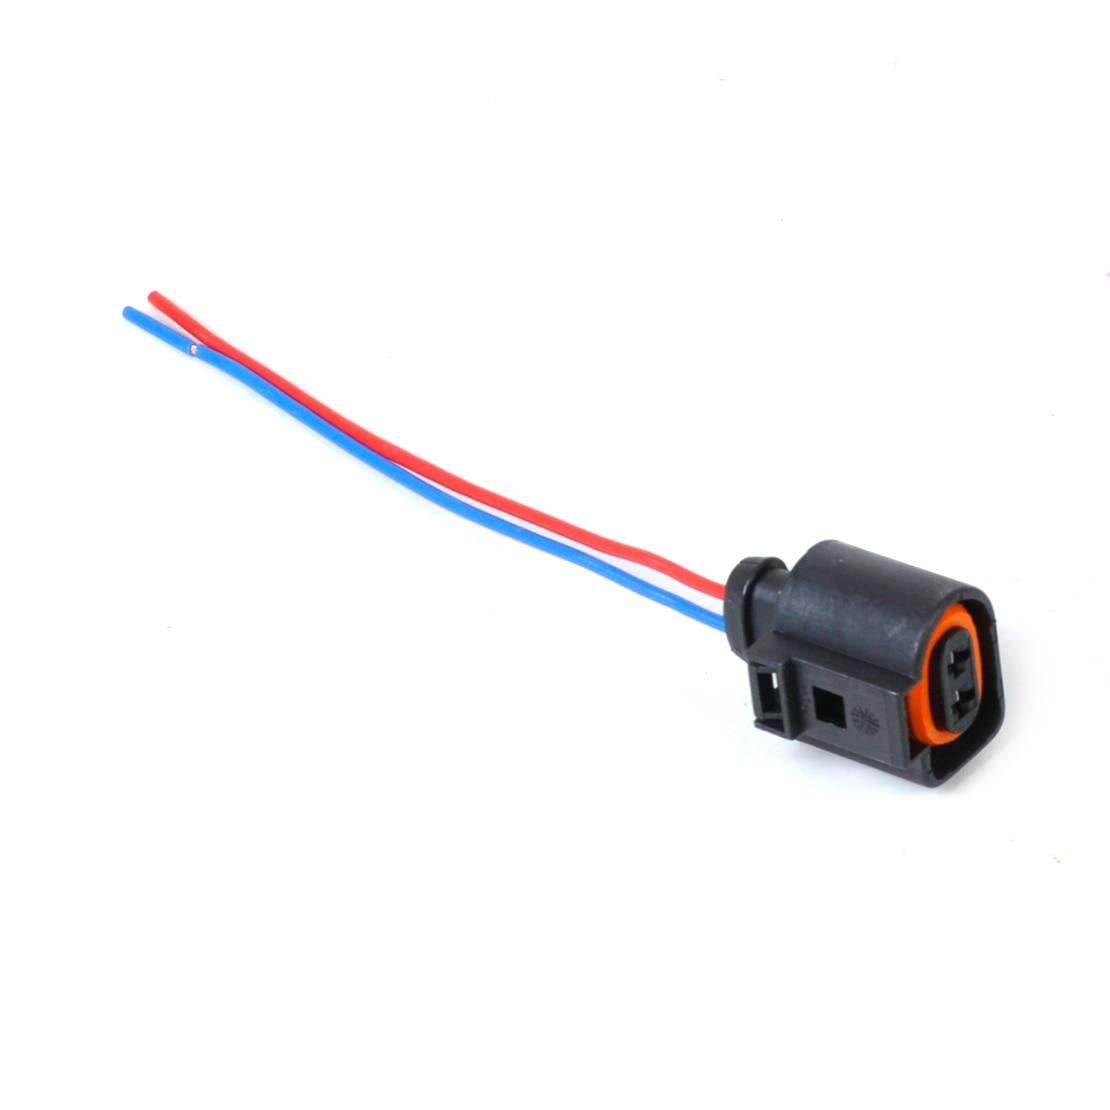 Dwcx 1j 1j A 1pc Electrical Harness 2 Pin